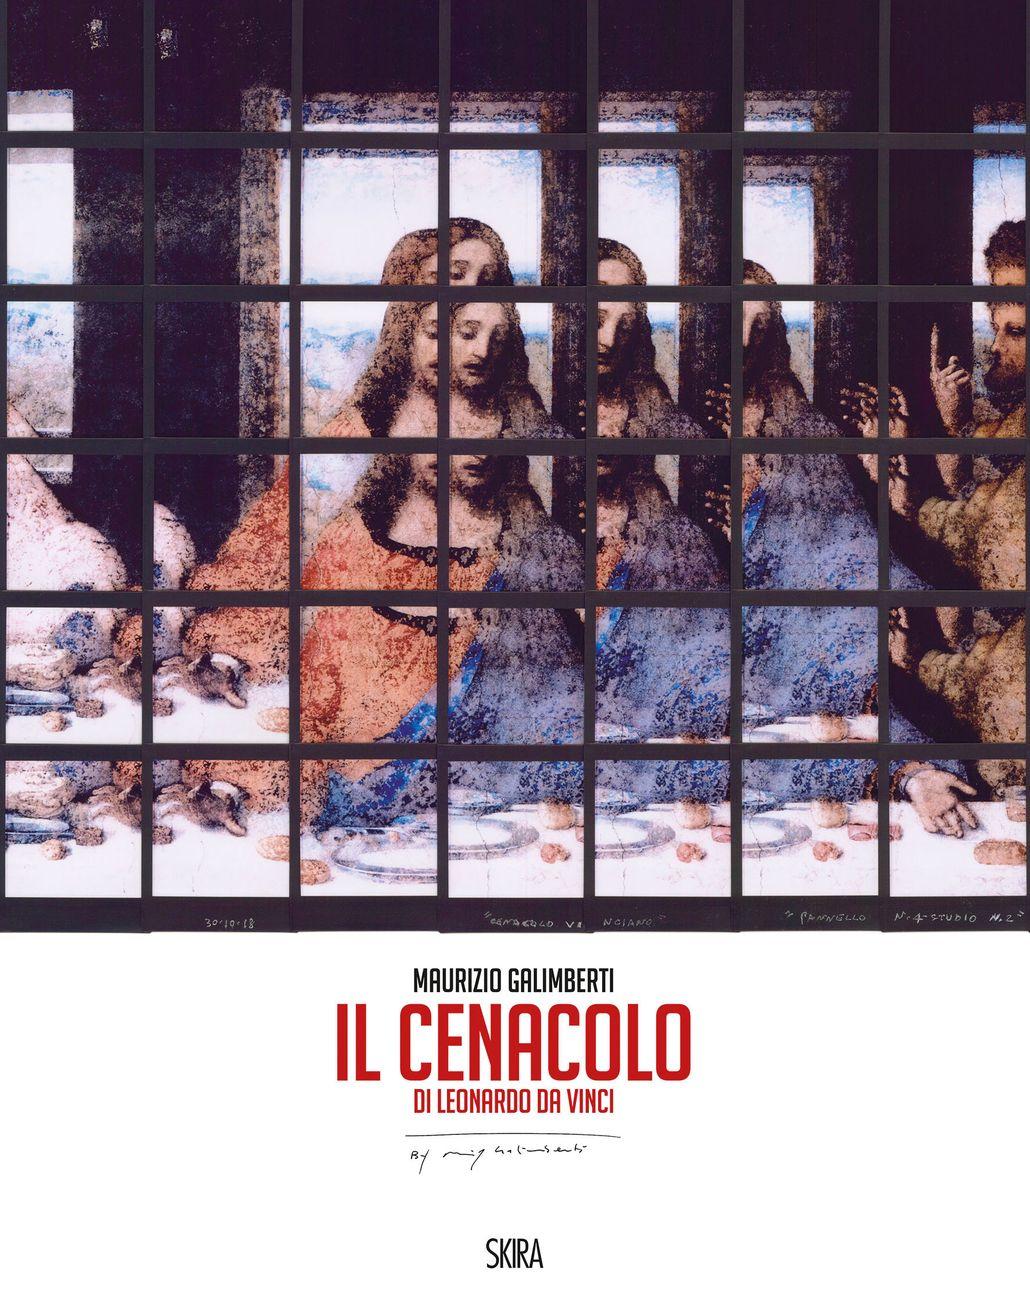 Maurizio Galimberti ‒ Il Cenacolo di Leonardo da Vinci (Skira, Milano 2019) _cover